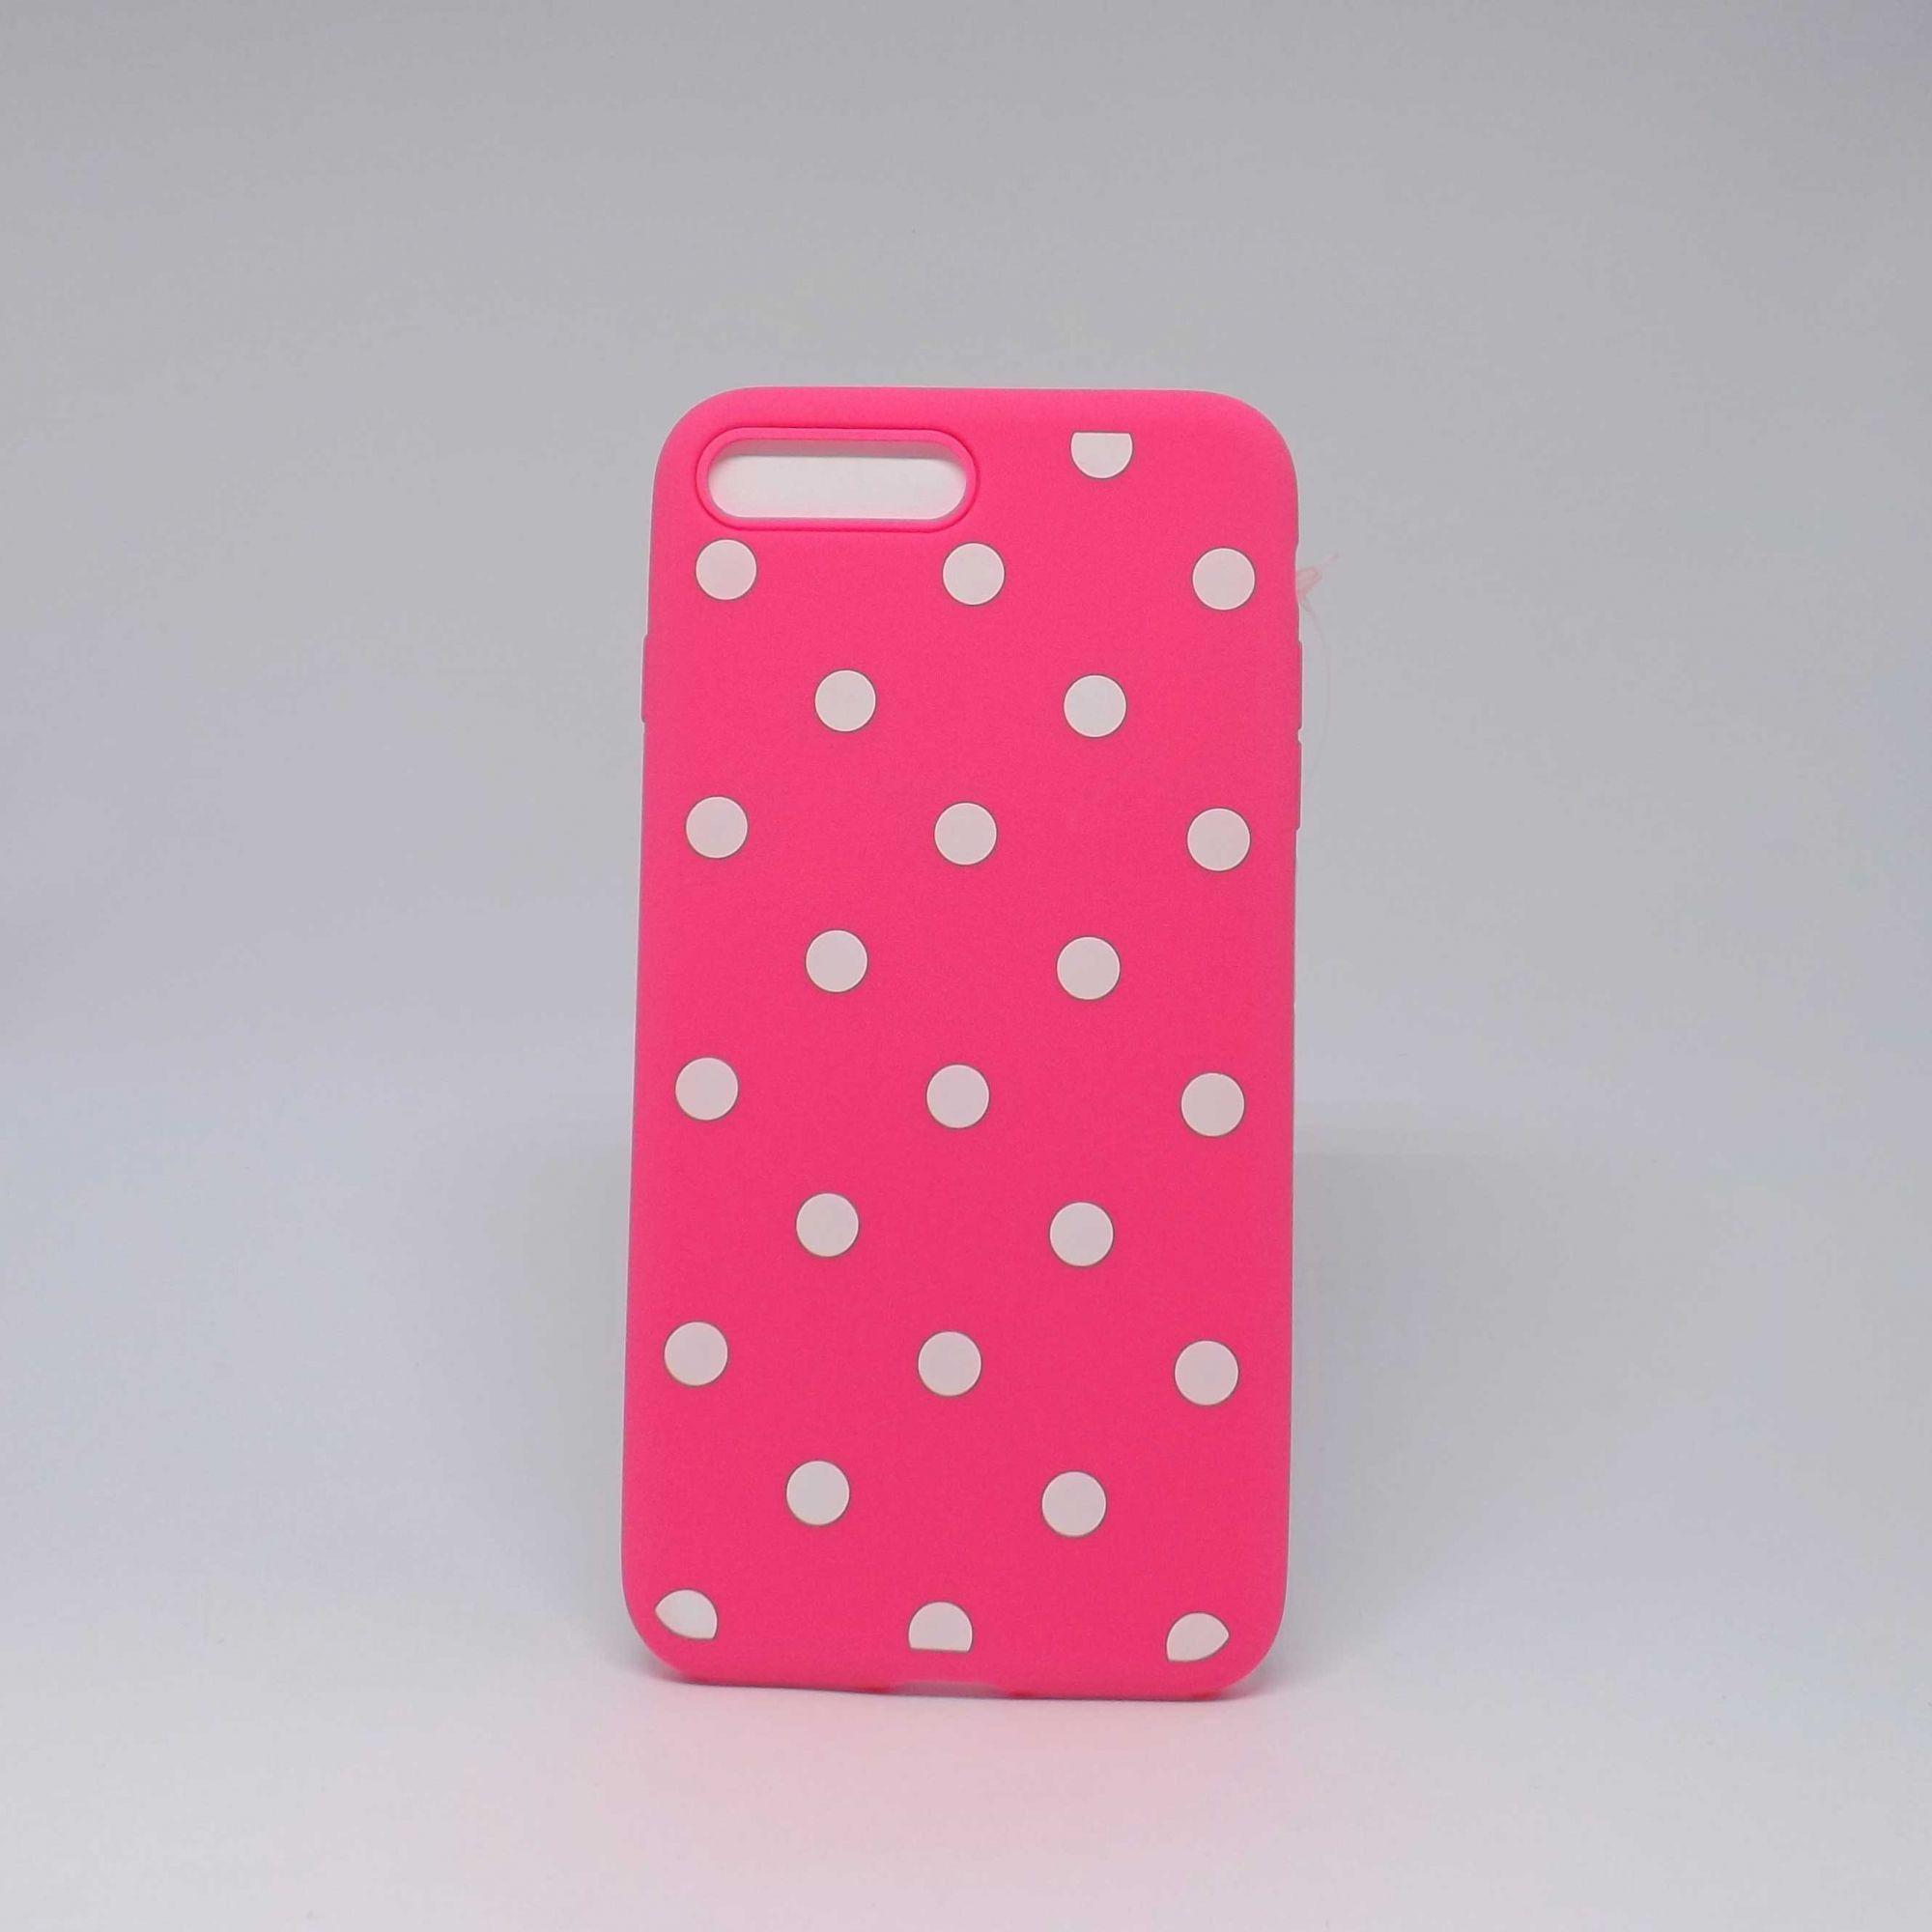 Capa Iphone 7 Plus/8 Plus Borracha Estampada